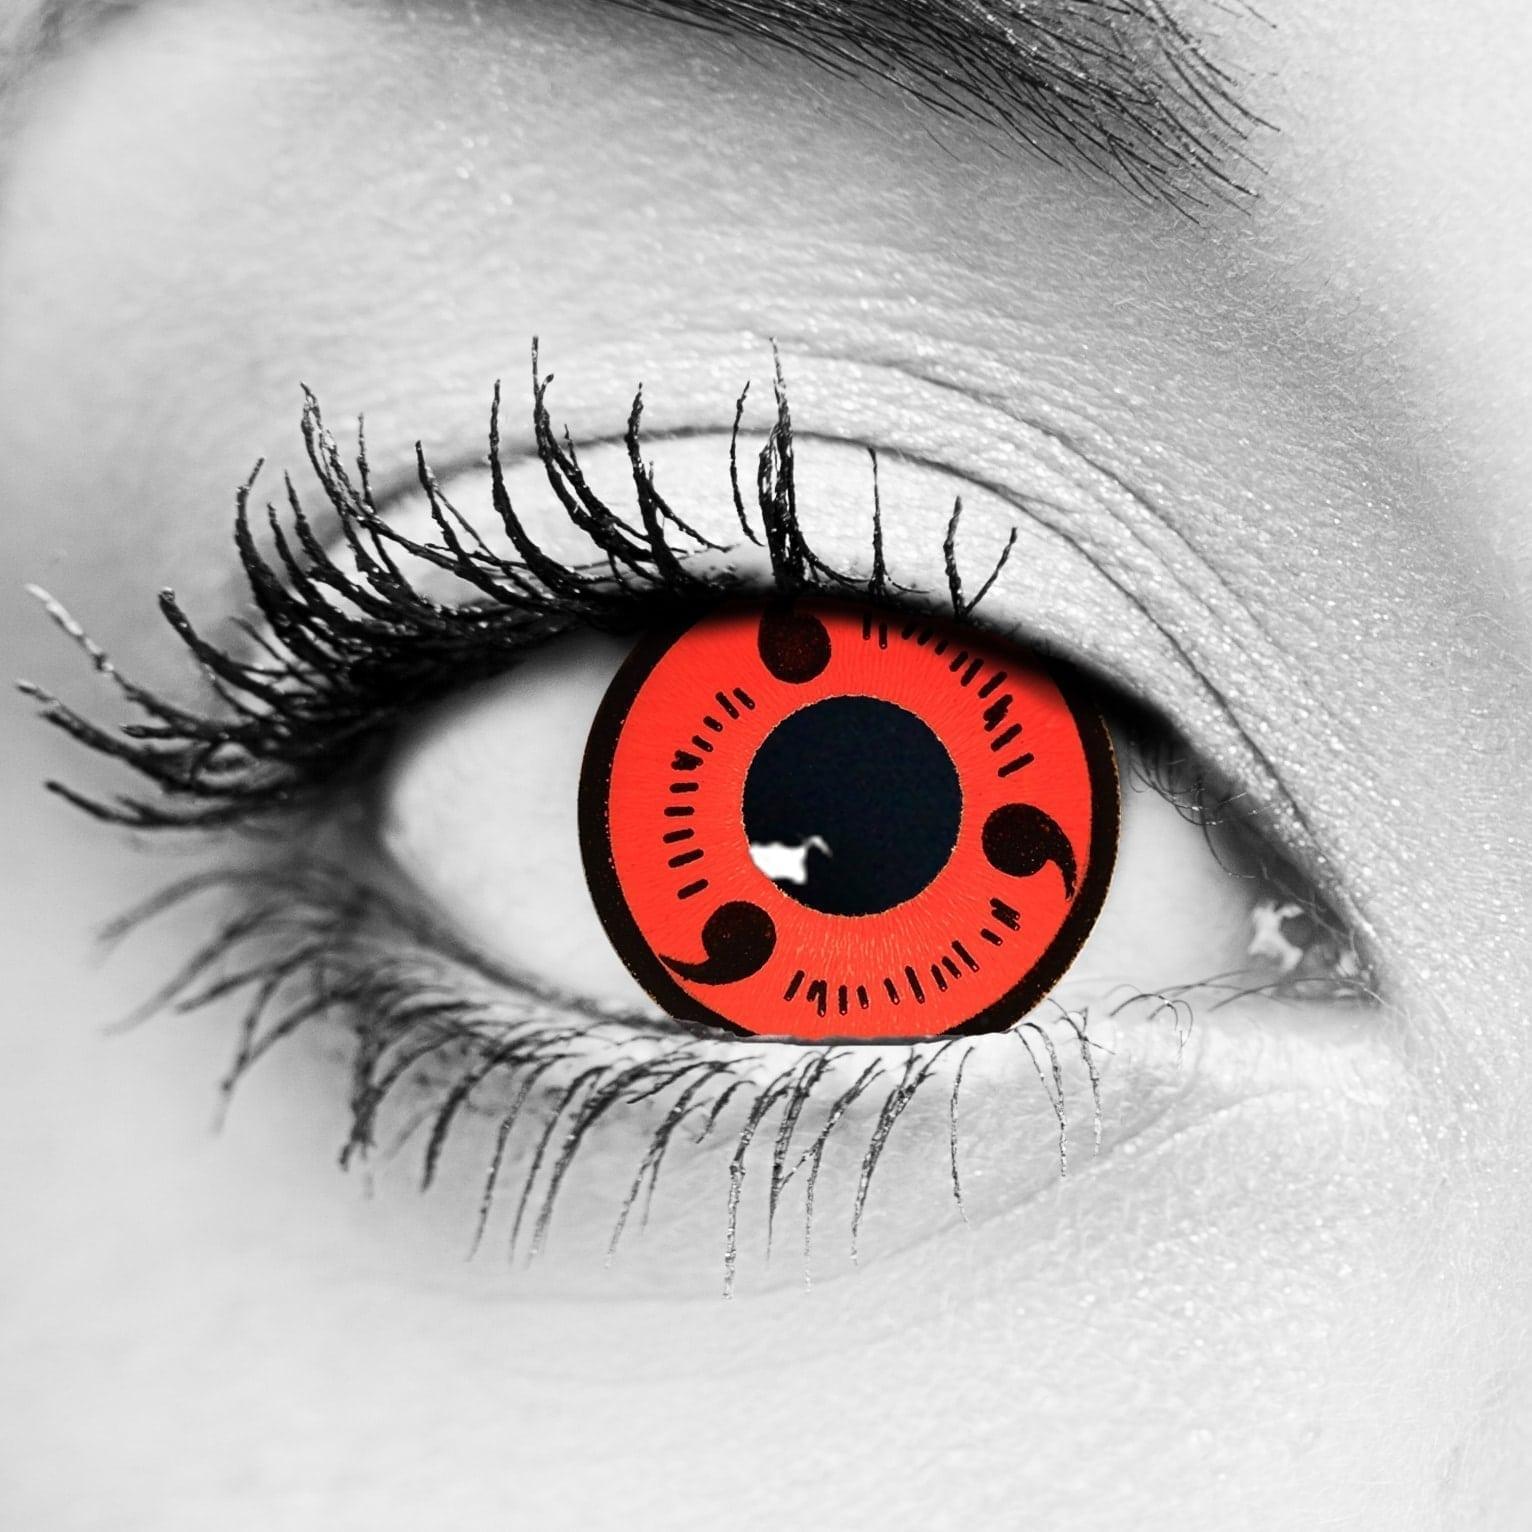 Hatake Contact Lenses